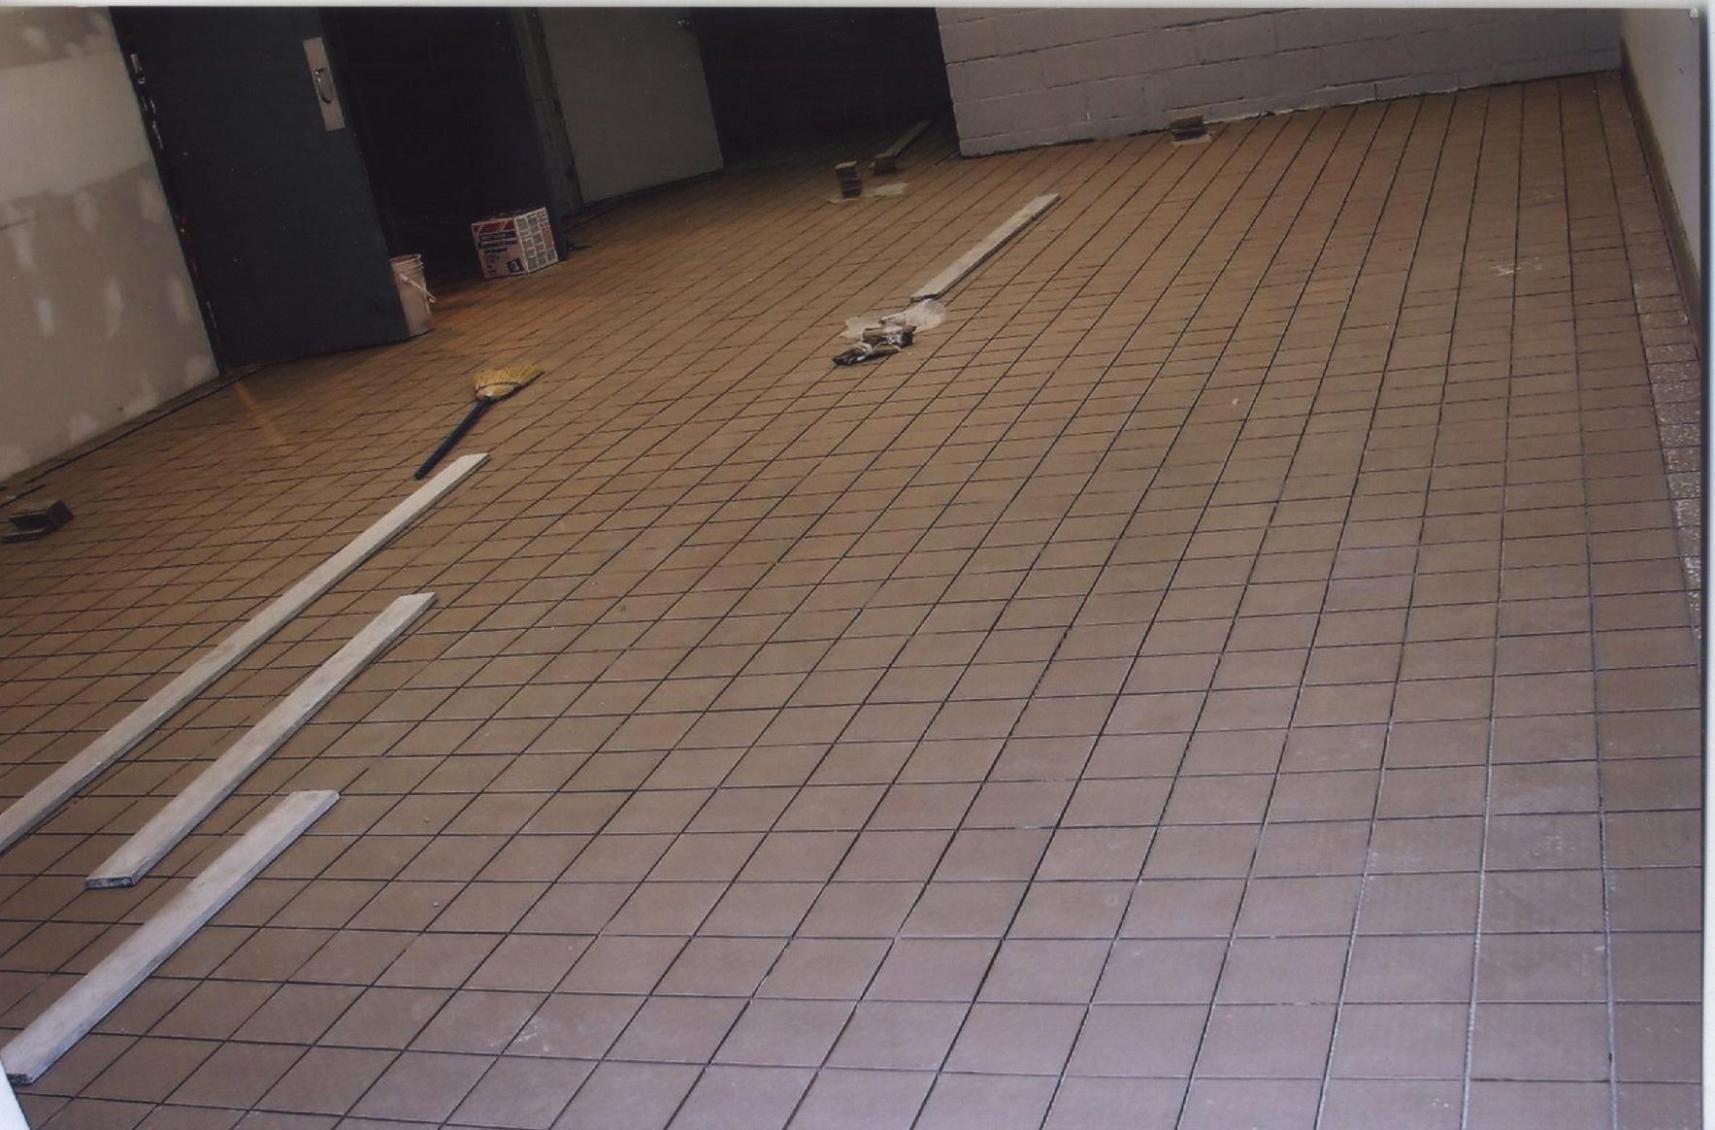 restaurant kitchen floor commercial kitchen flooring Restaurant Kitchen Floor scannedimage